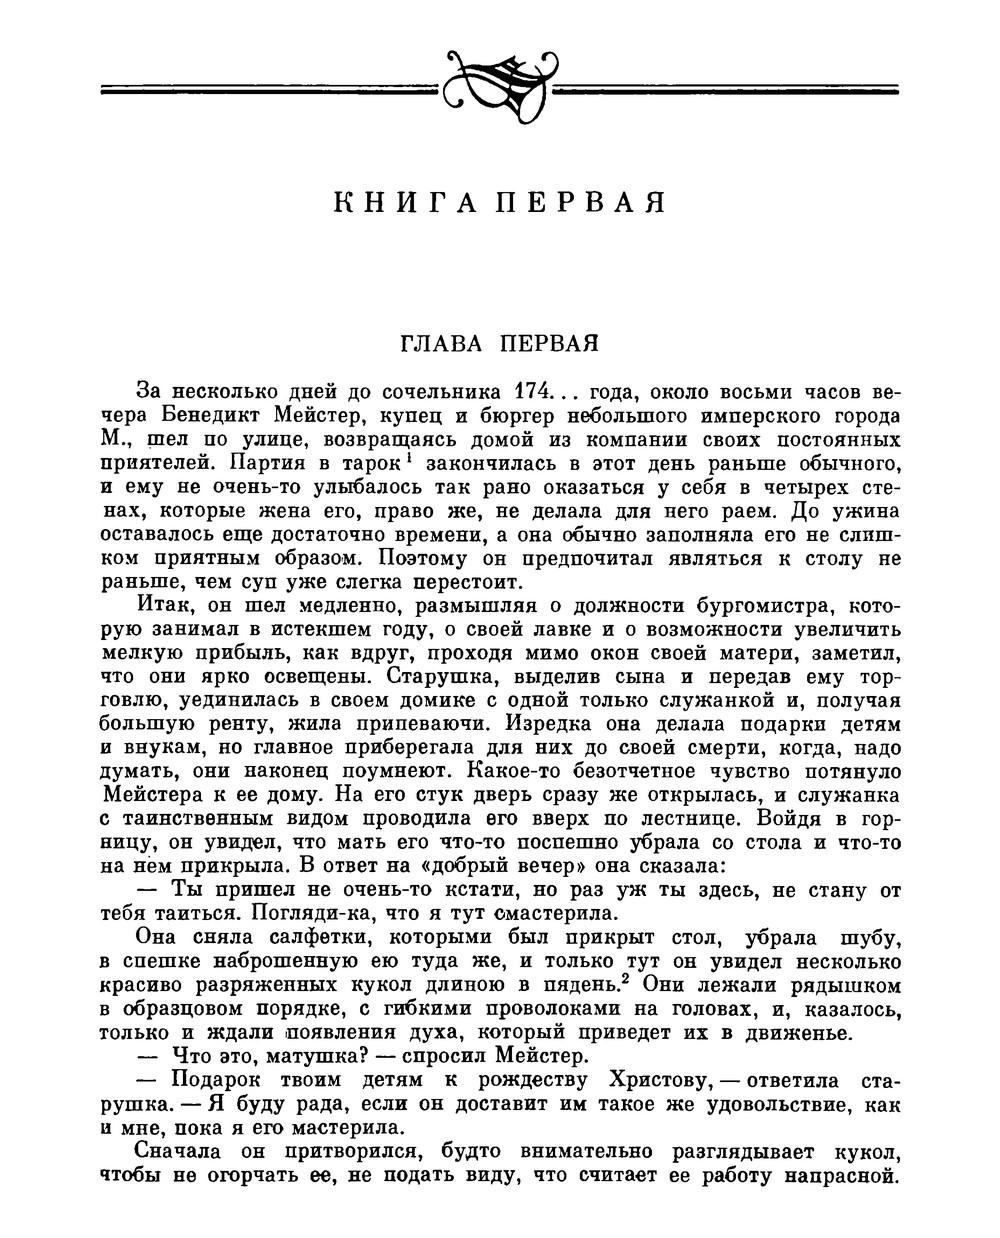 http://i6.imageban.ru/out/2014/01/22/ea5a53f9e3e9362590057eab504b2261.jpg